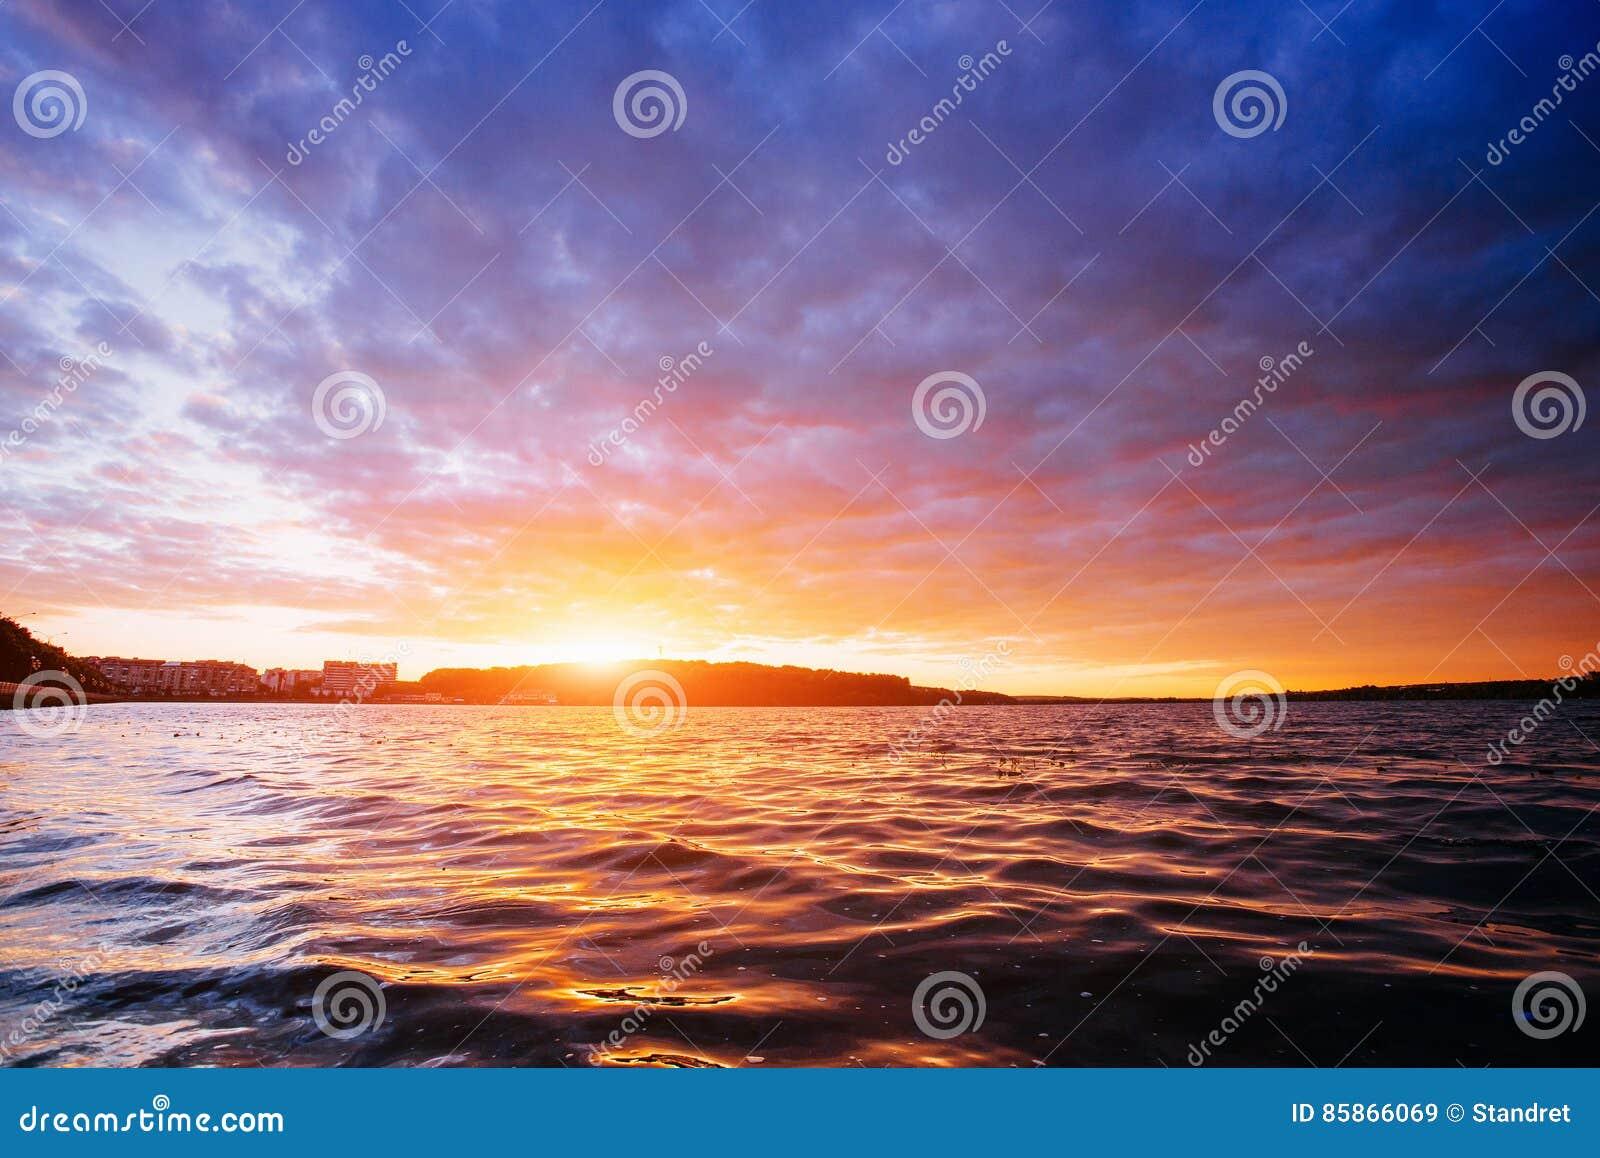 Citaten Over Zonsondergang : Zonsondergang over overzees stock afbeelding